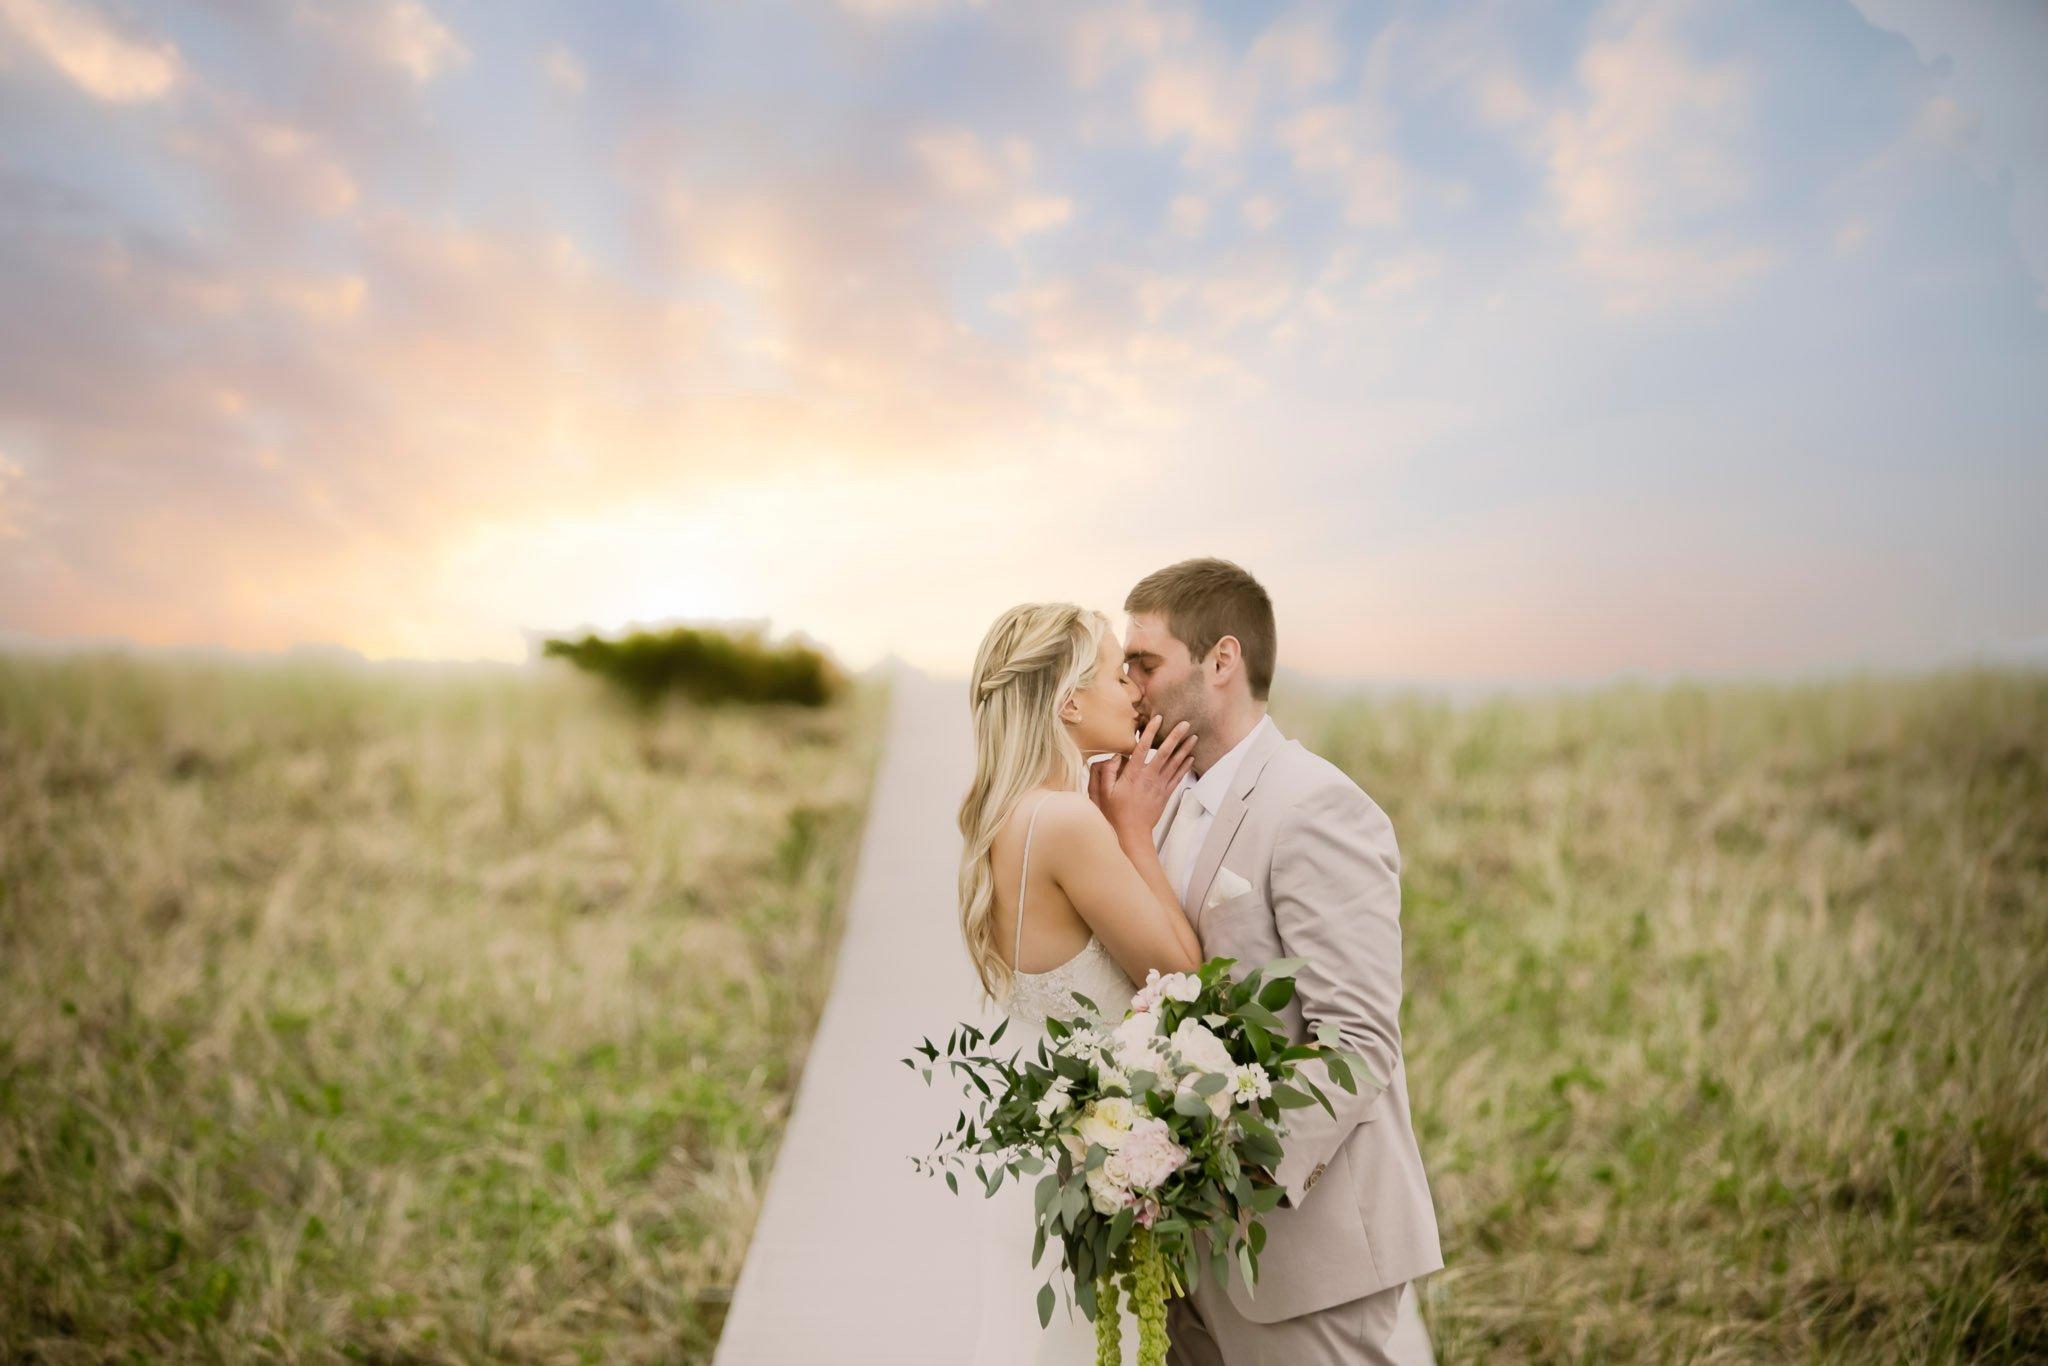 Best Wedding Photos from Oceanbleu-26